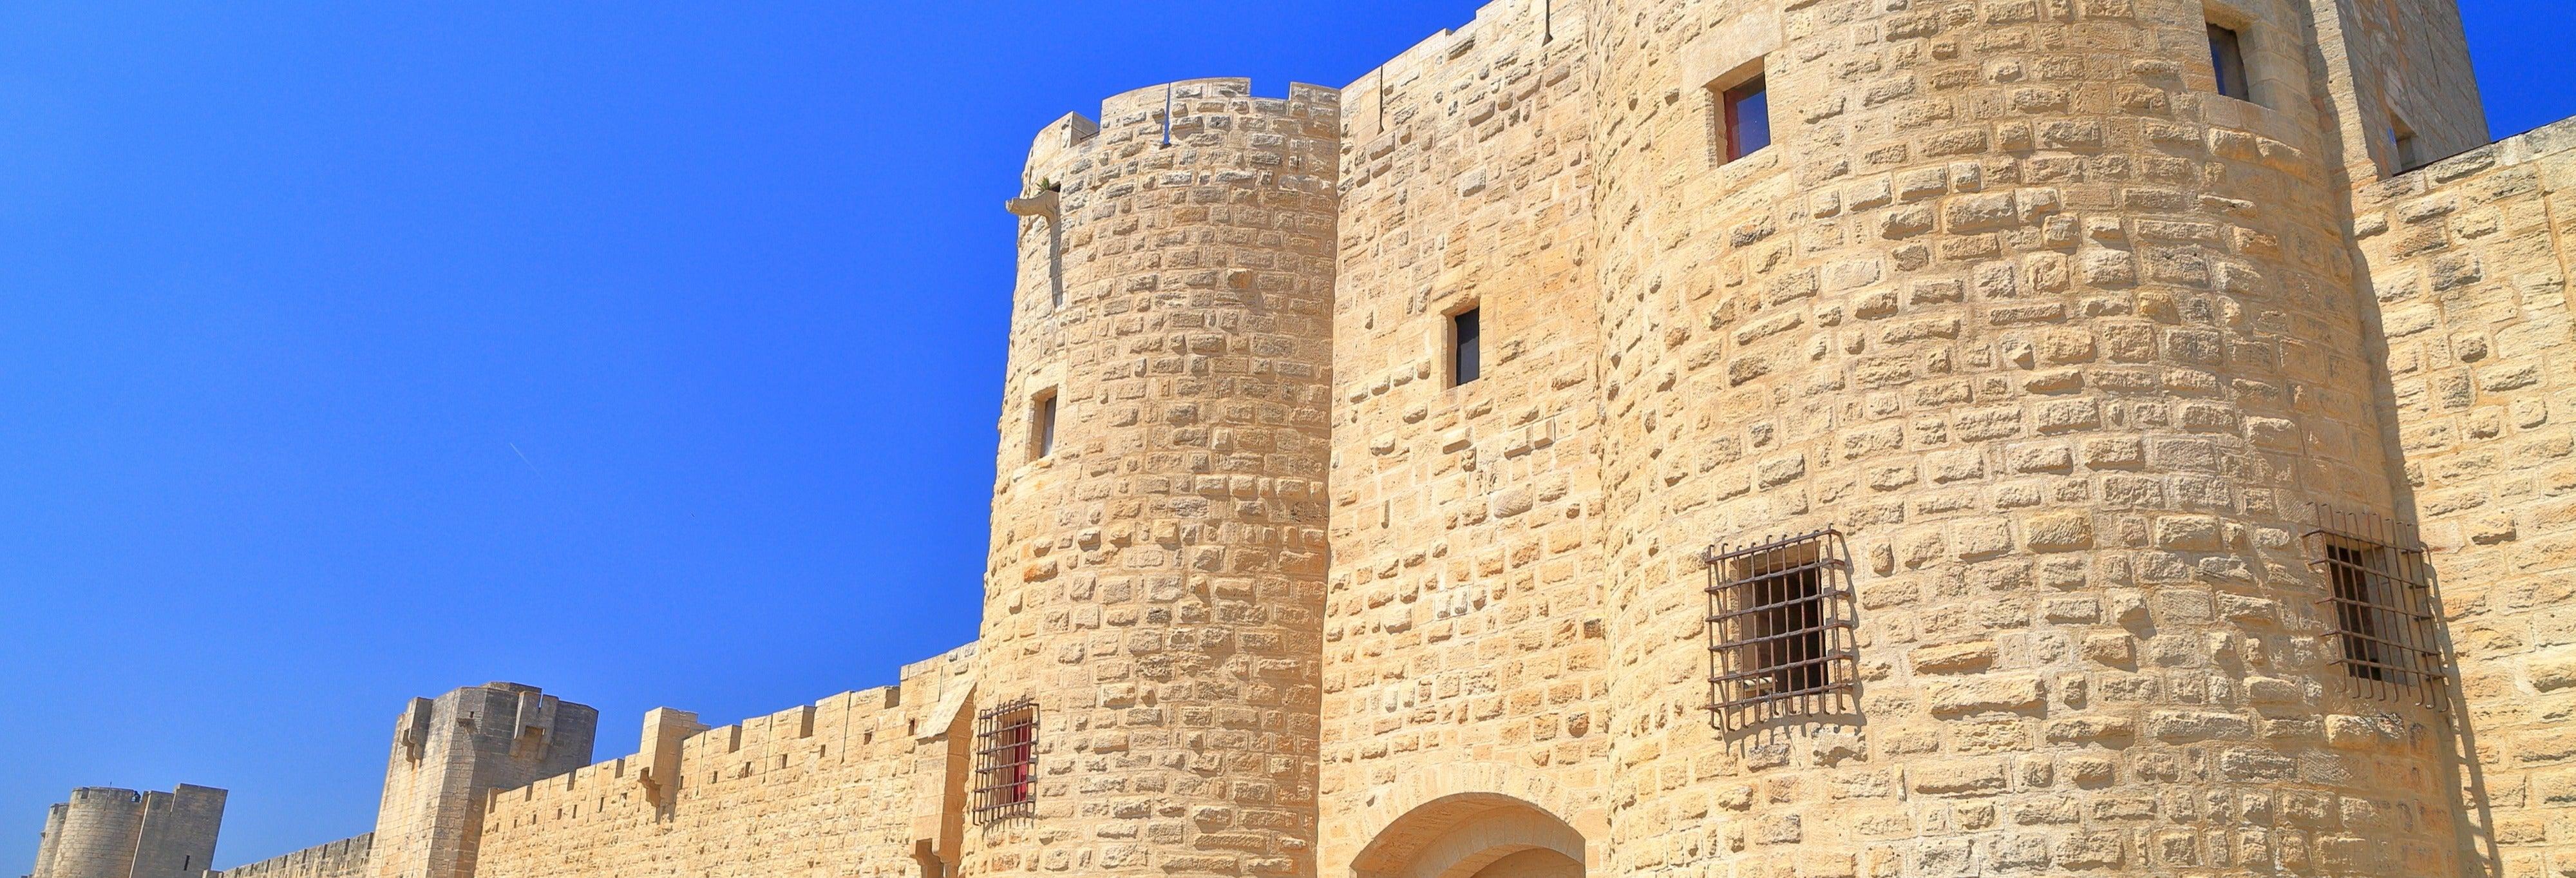 Ingresso da fortaleza de Aigues-Mortes